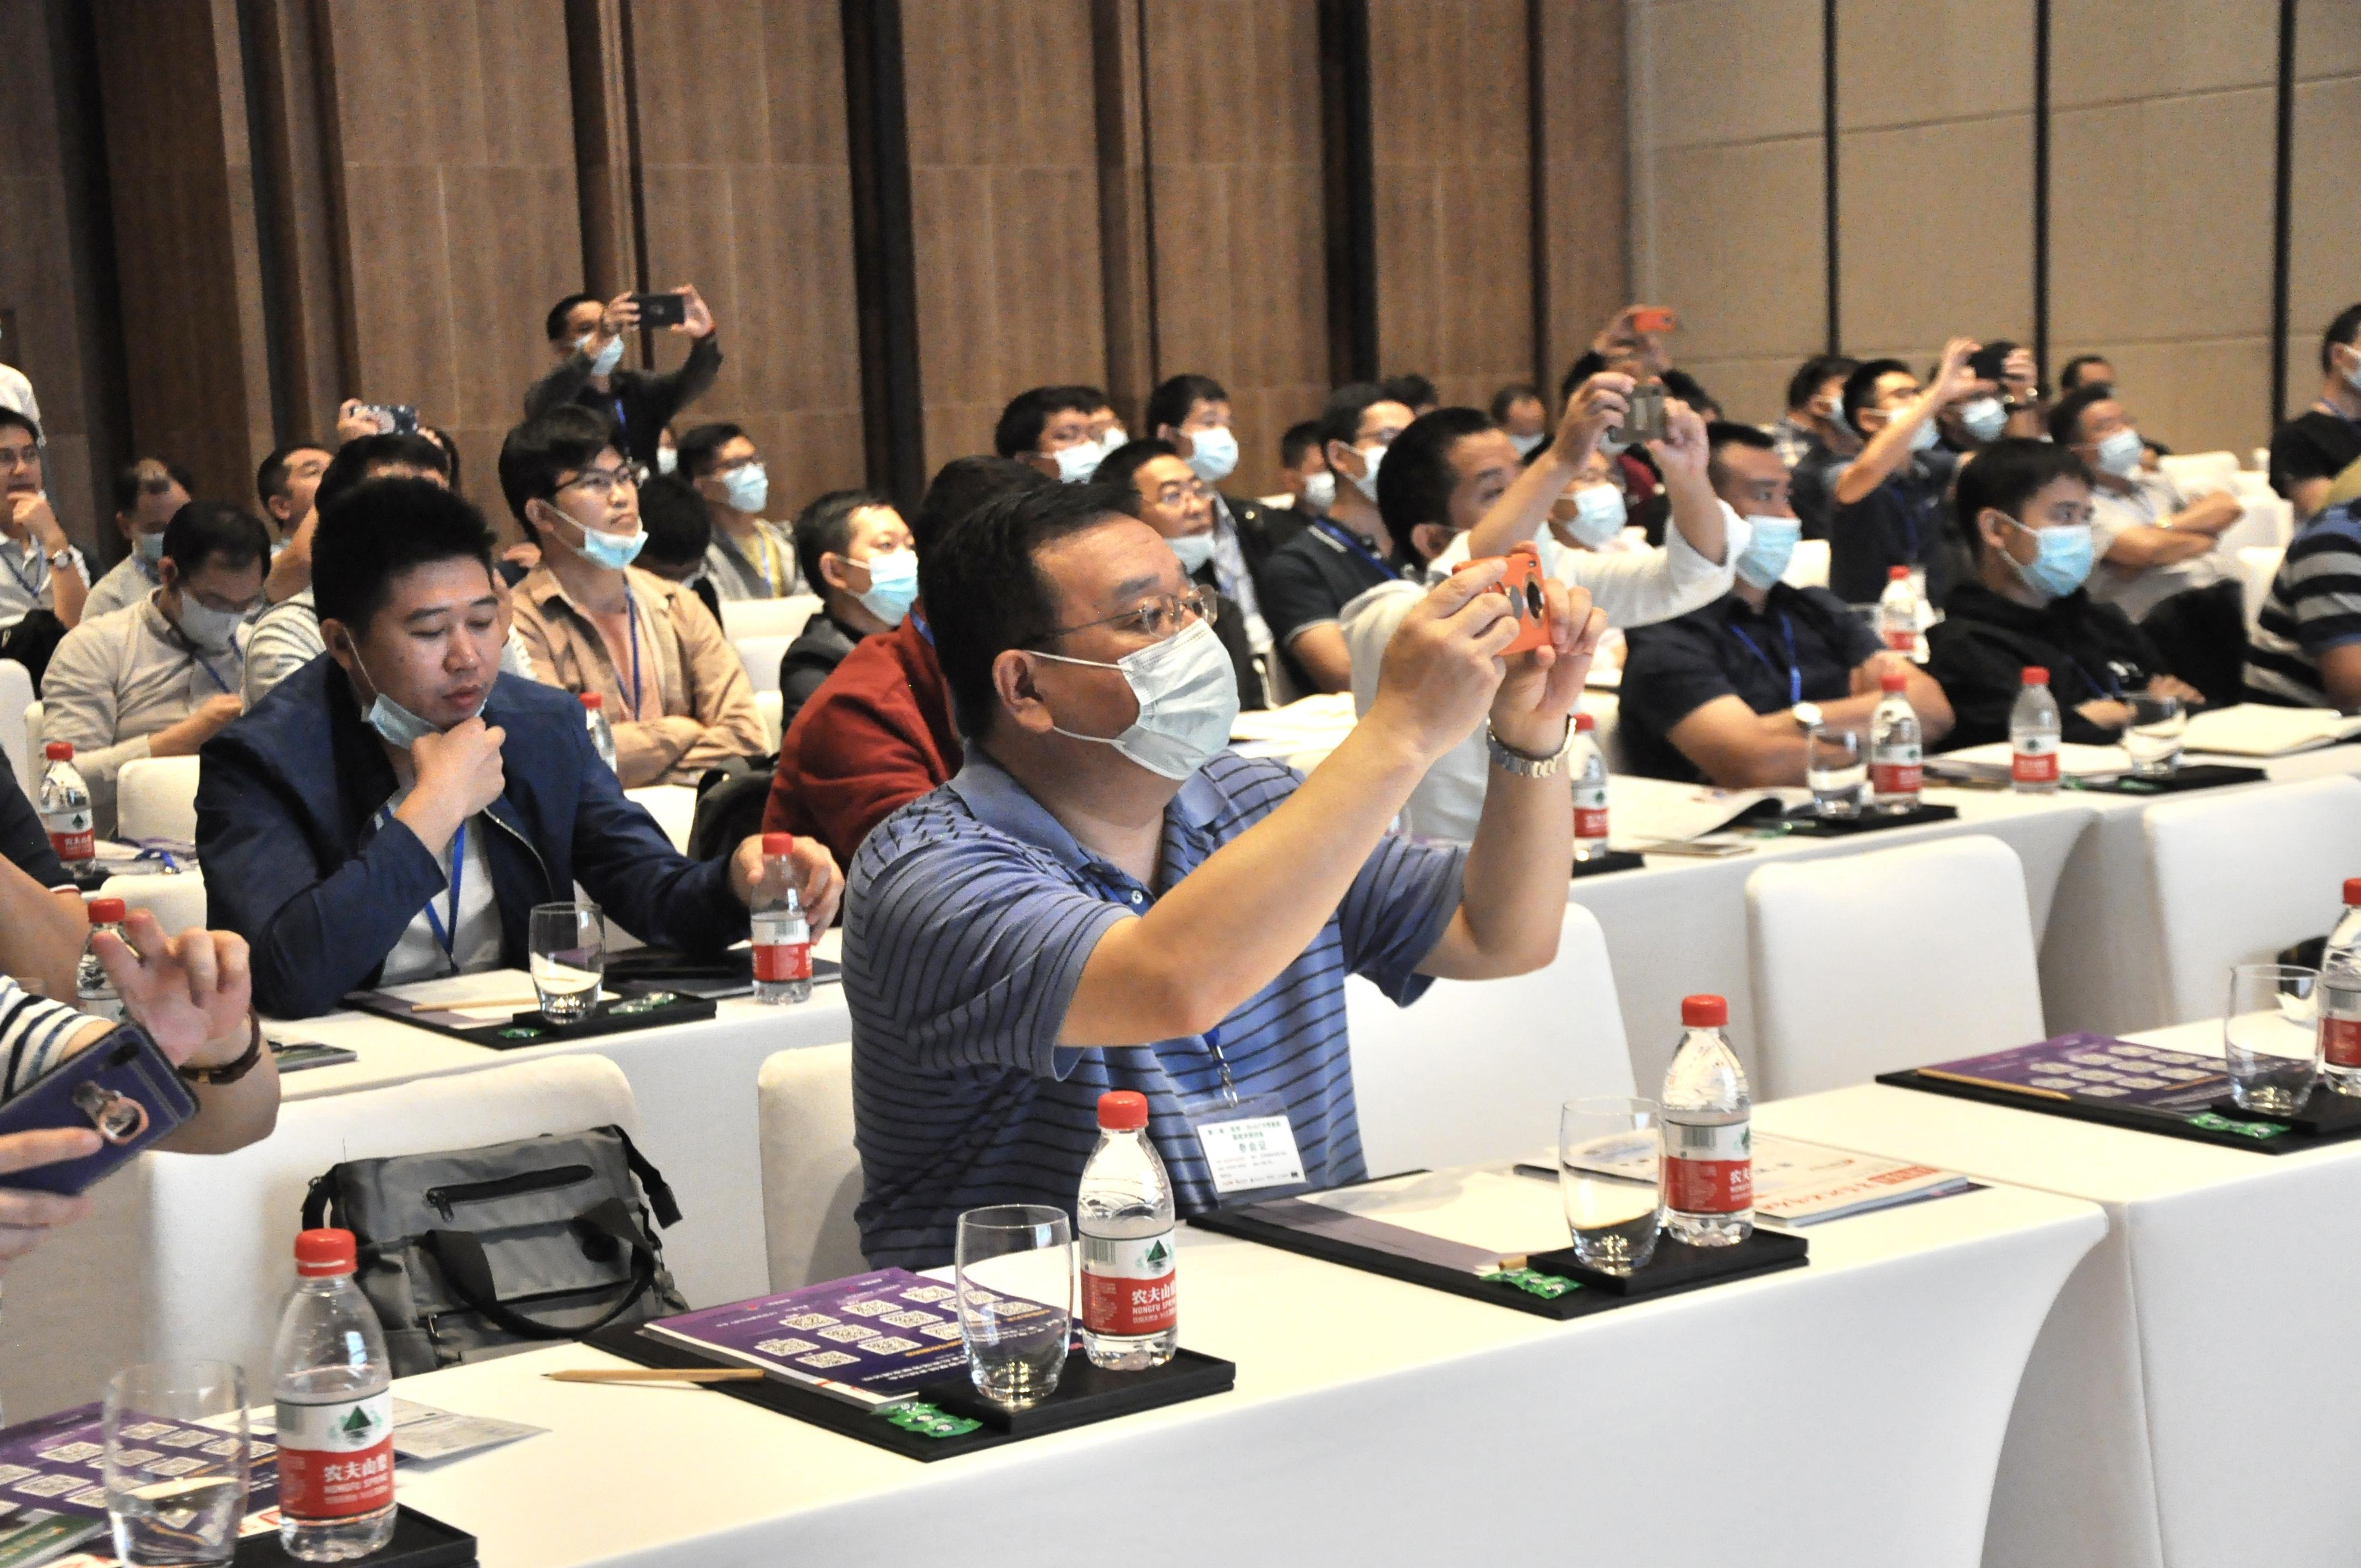 第二届电机前瞻技术与市场发展论坛圆满闭幕